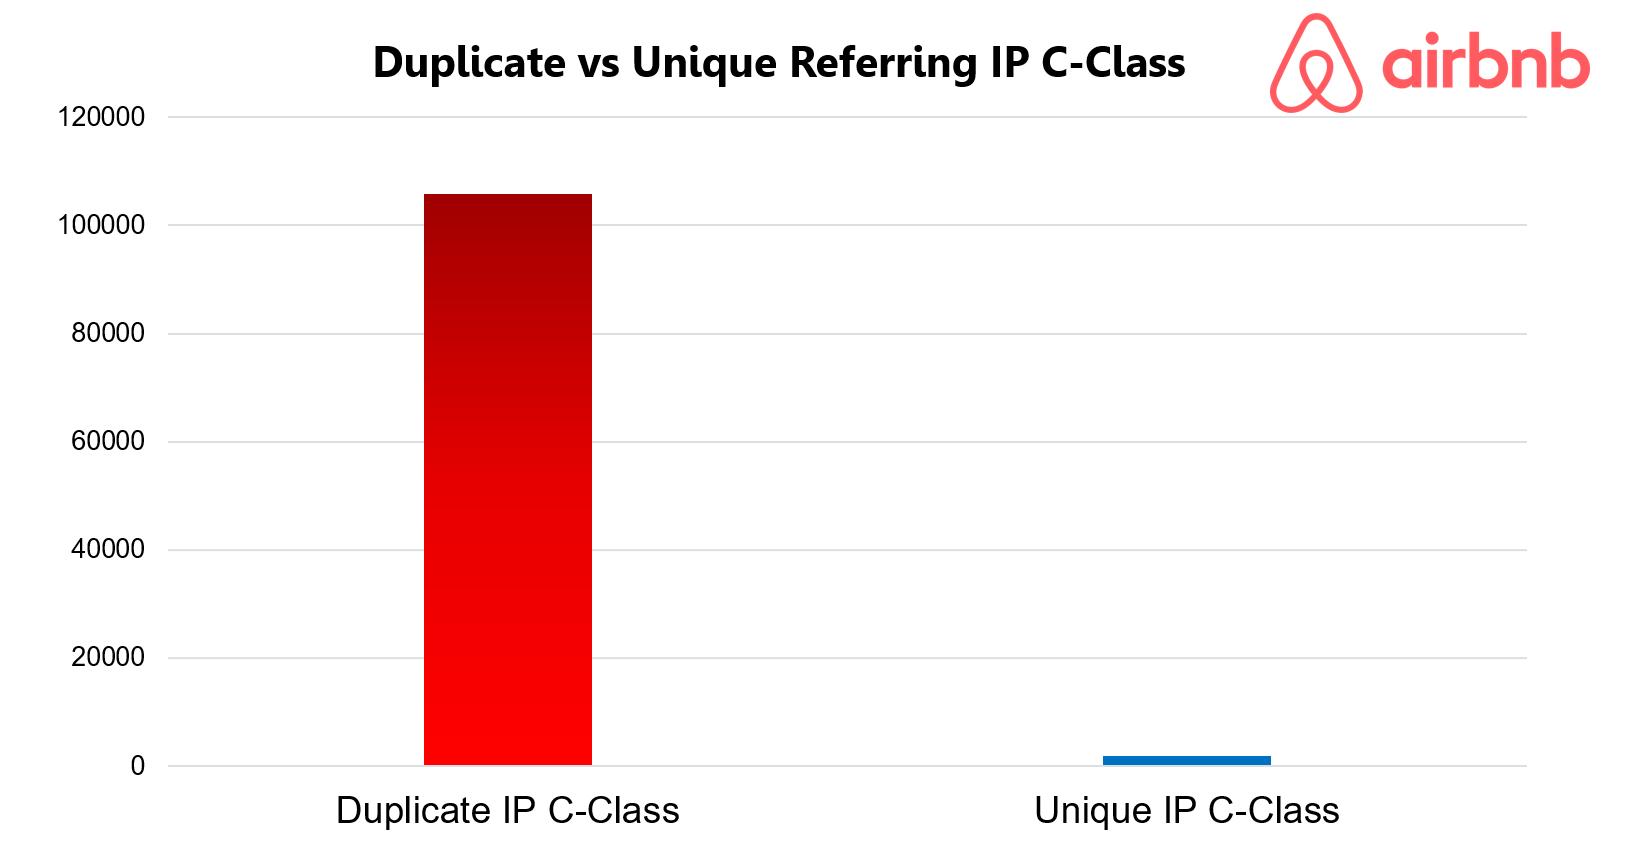 Airbnb Duplicate IP C-Class